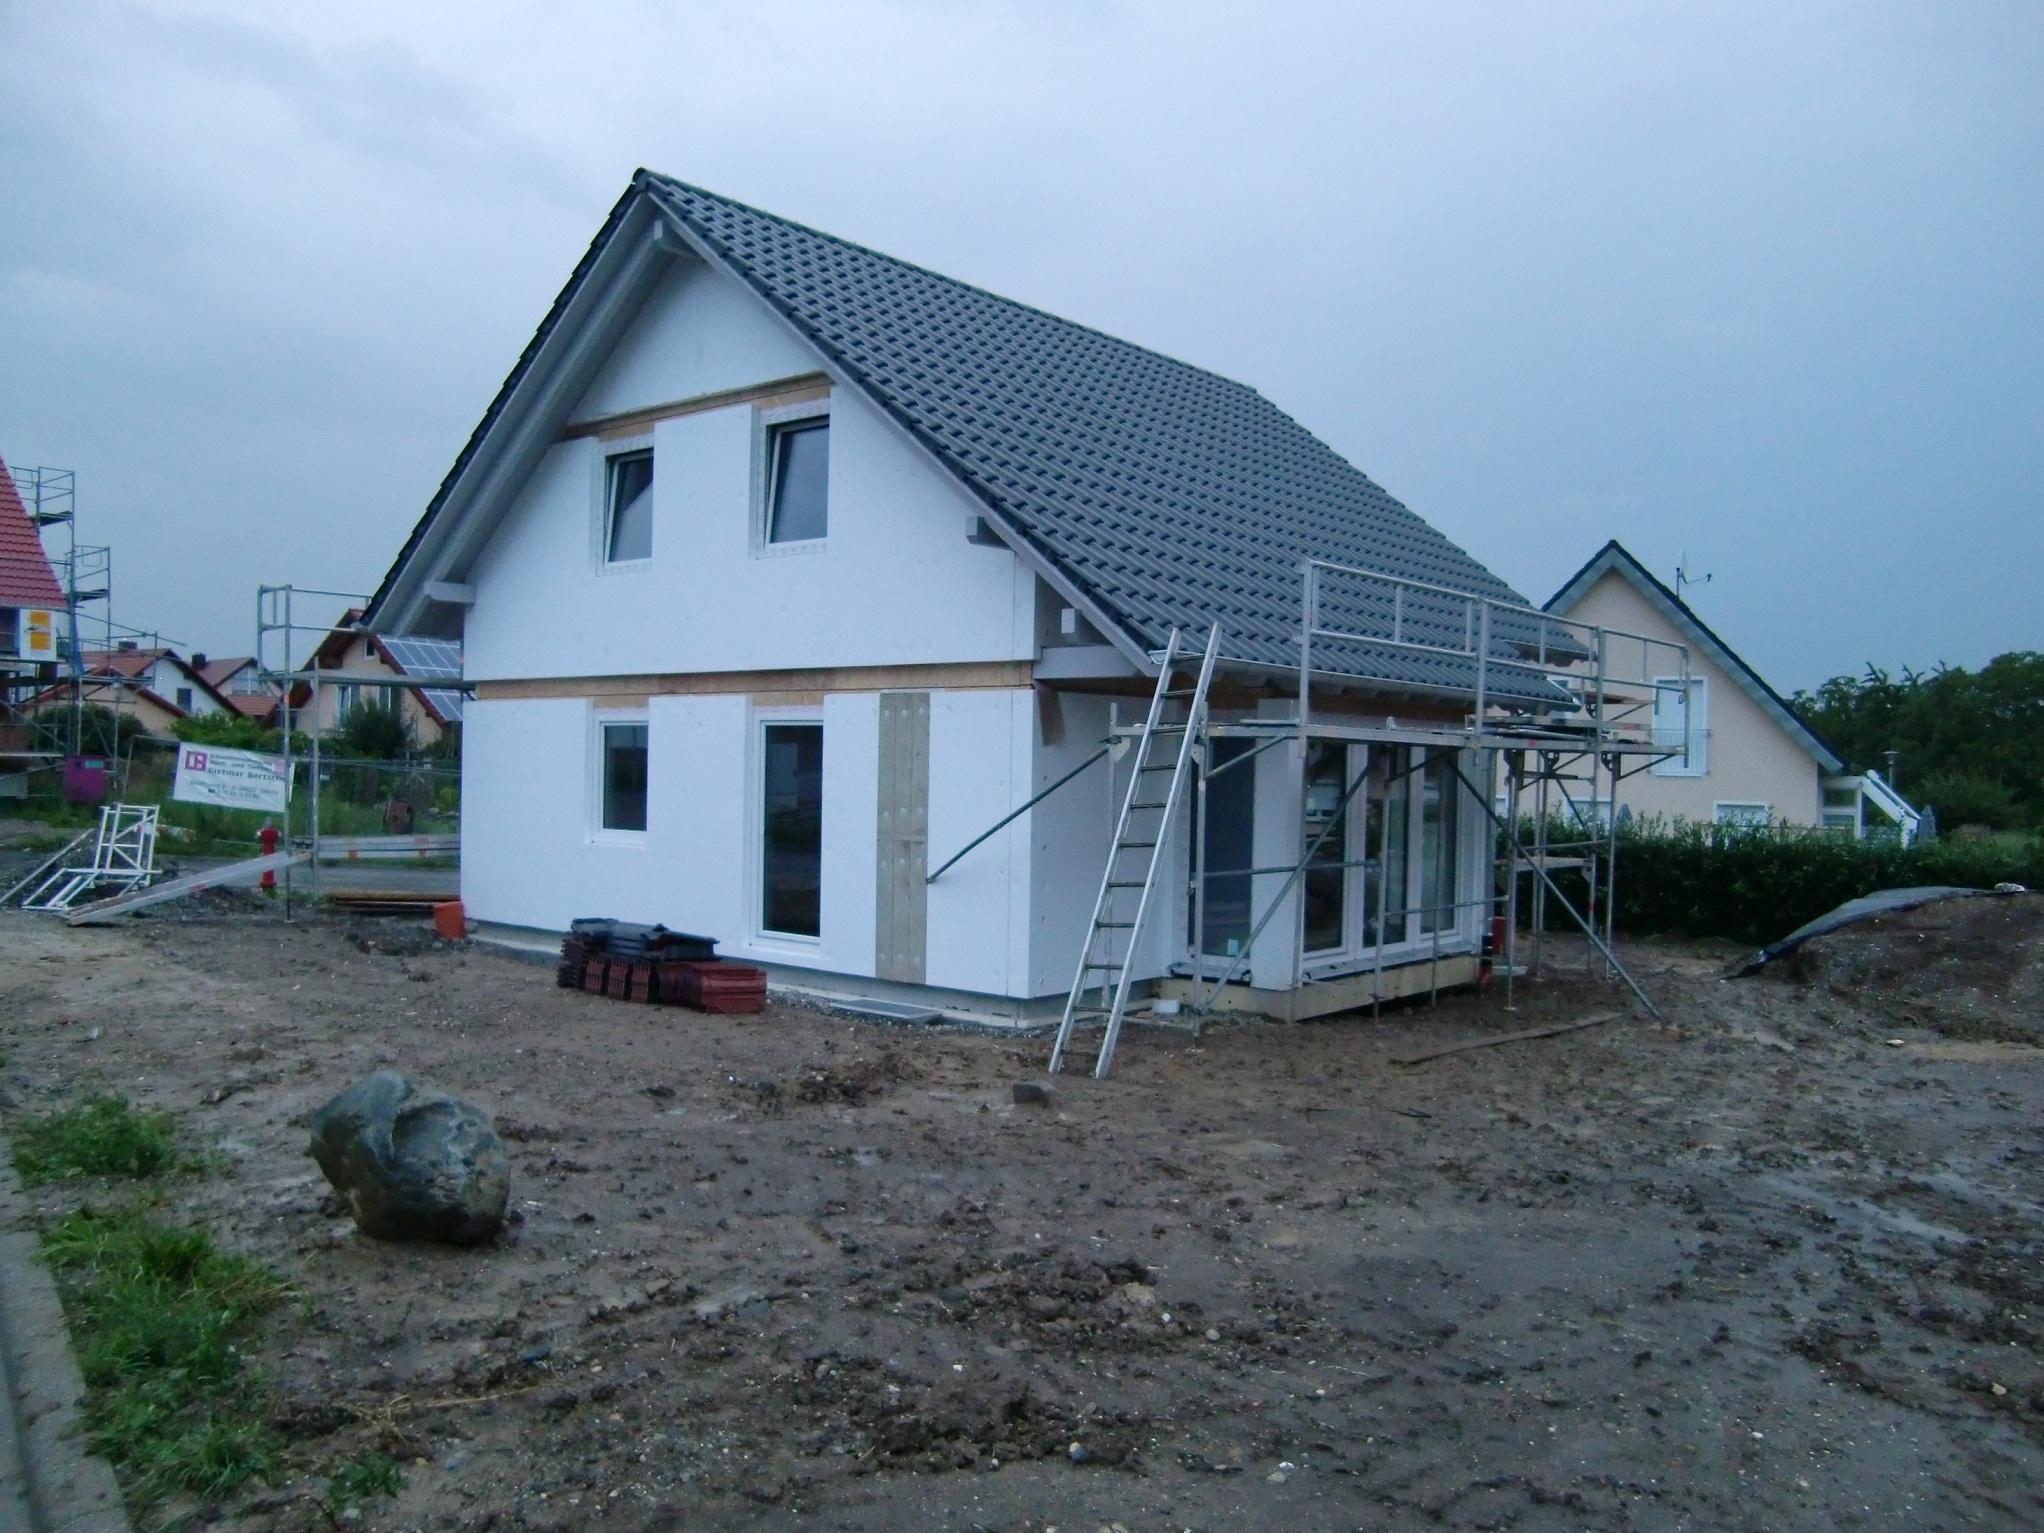 Unser Häusle mit eingedecktem Dach